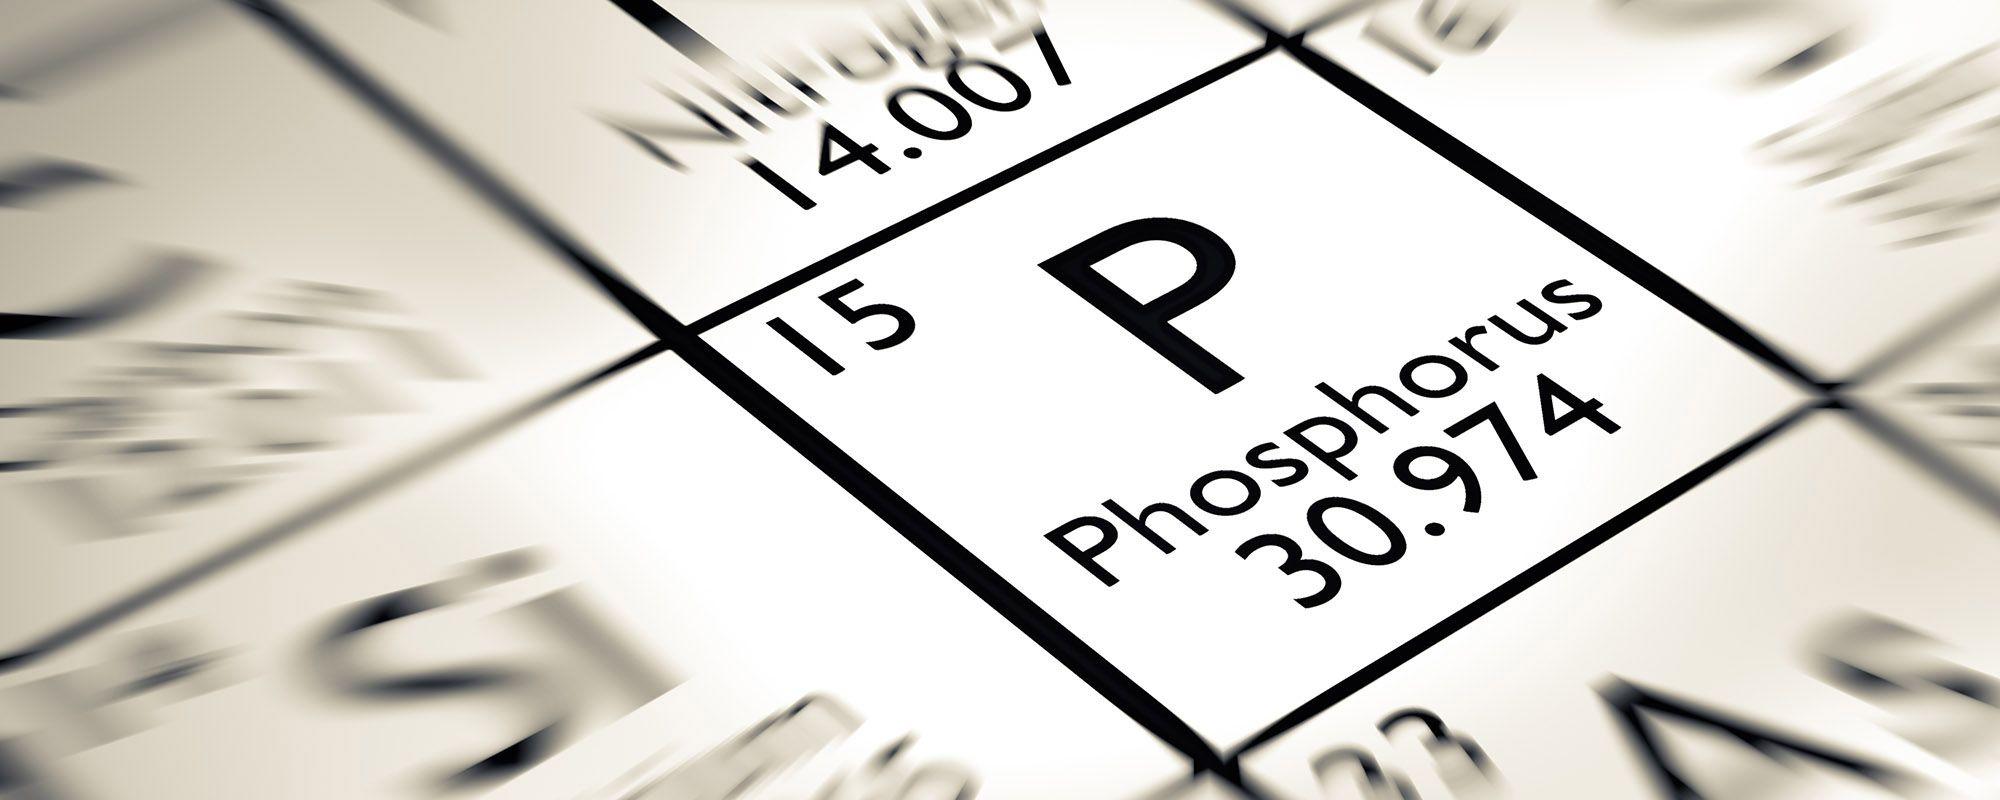 phosphorus-1.jpg